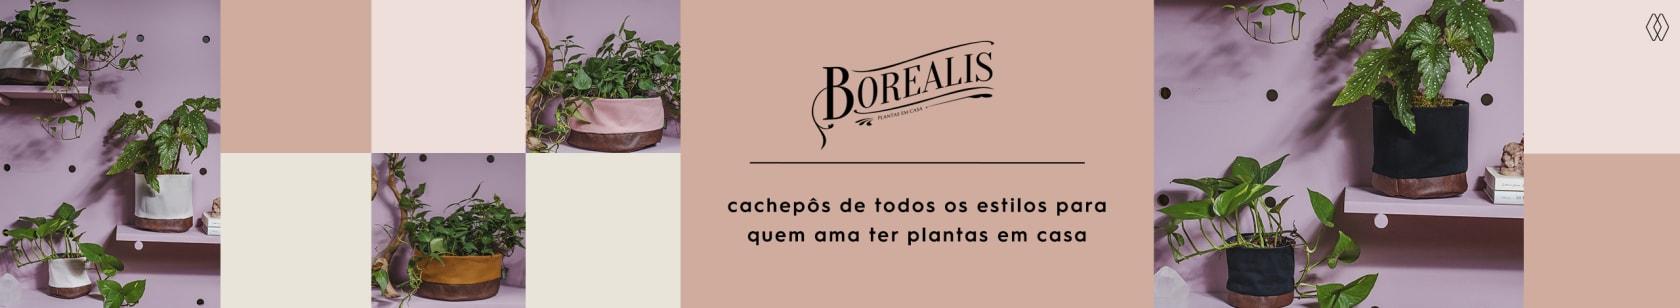 BOREALIS | AMARO